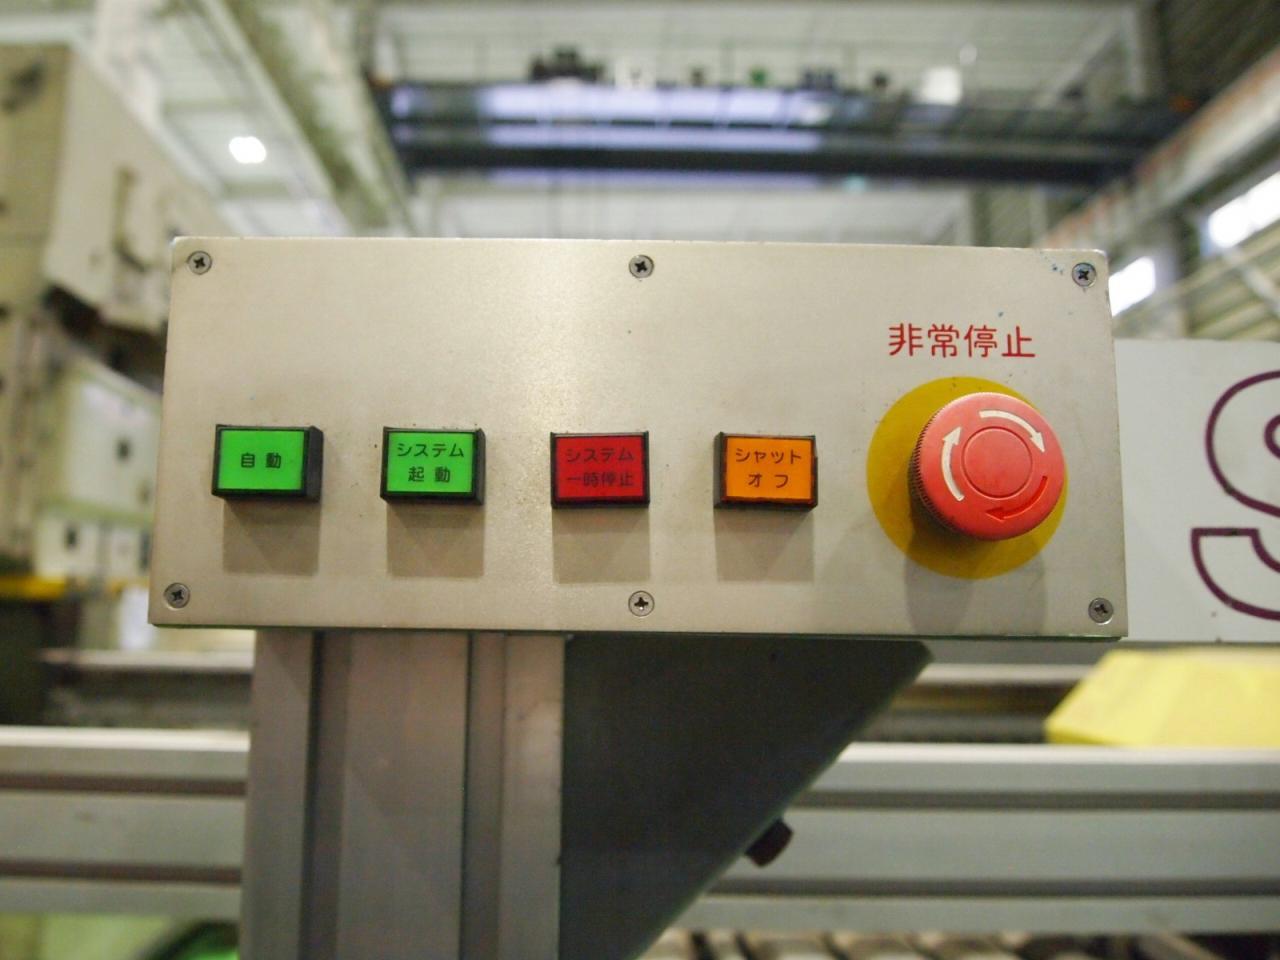 マニプレーターの操作ボタン